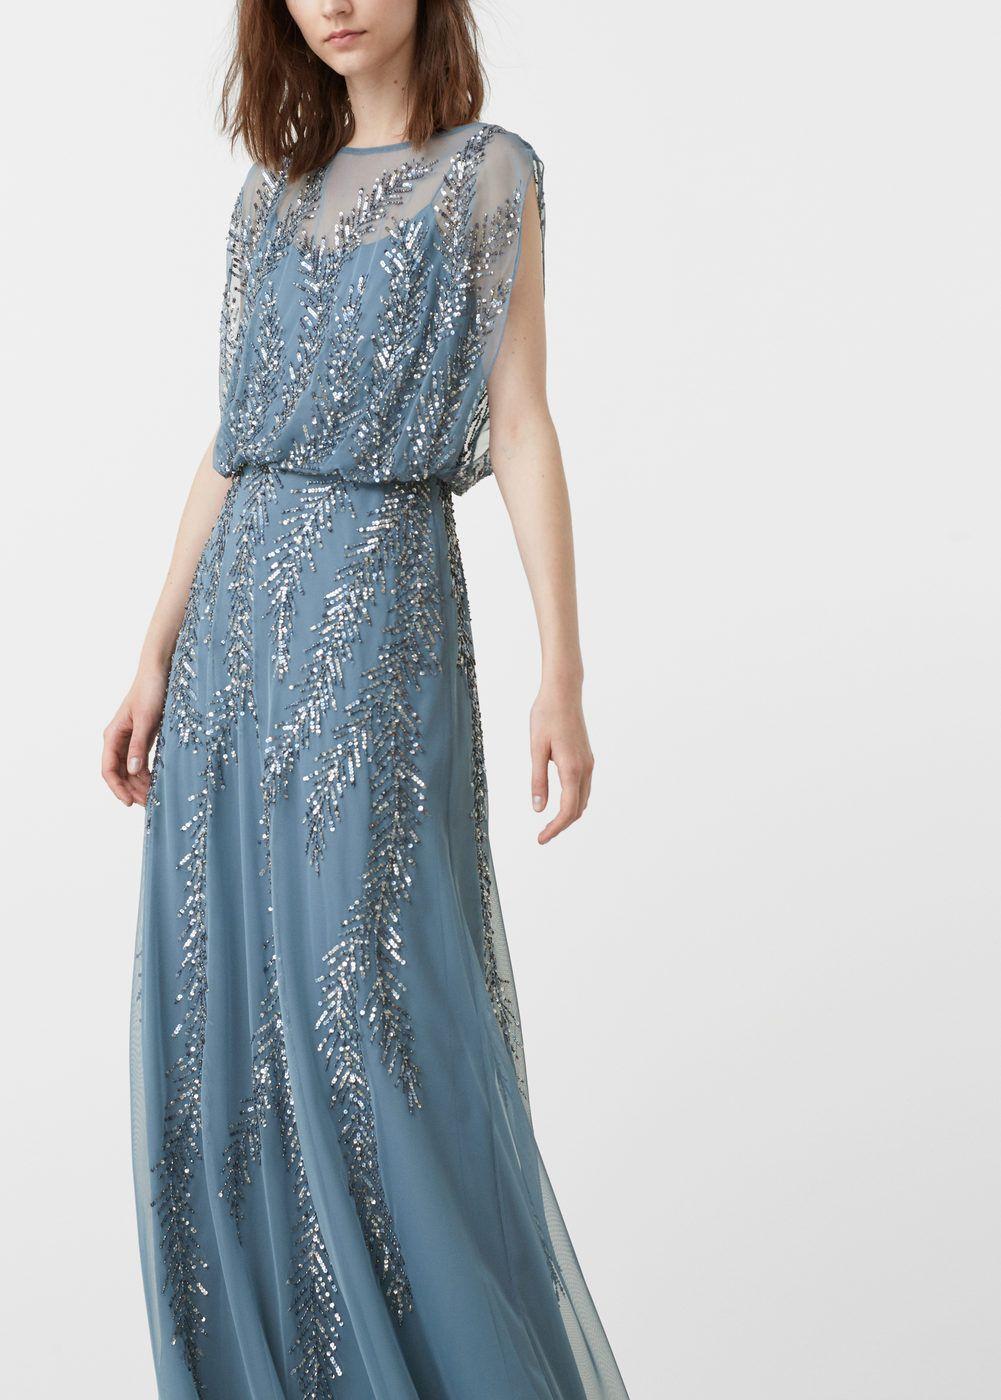 Kleid mit aufgestickten pailletten - Damen | Pailletten, Mango und ...